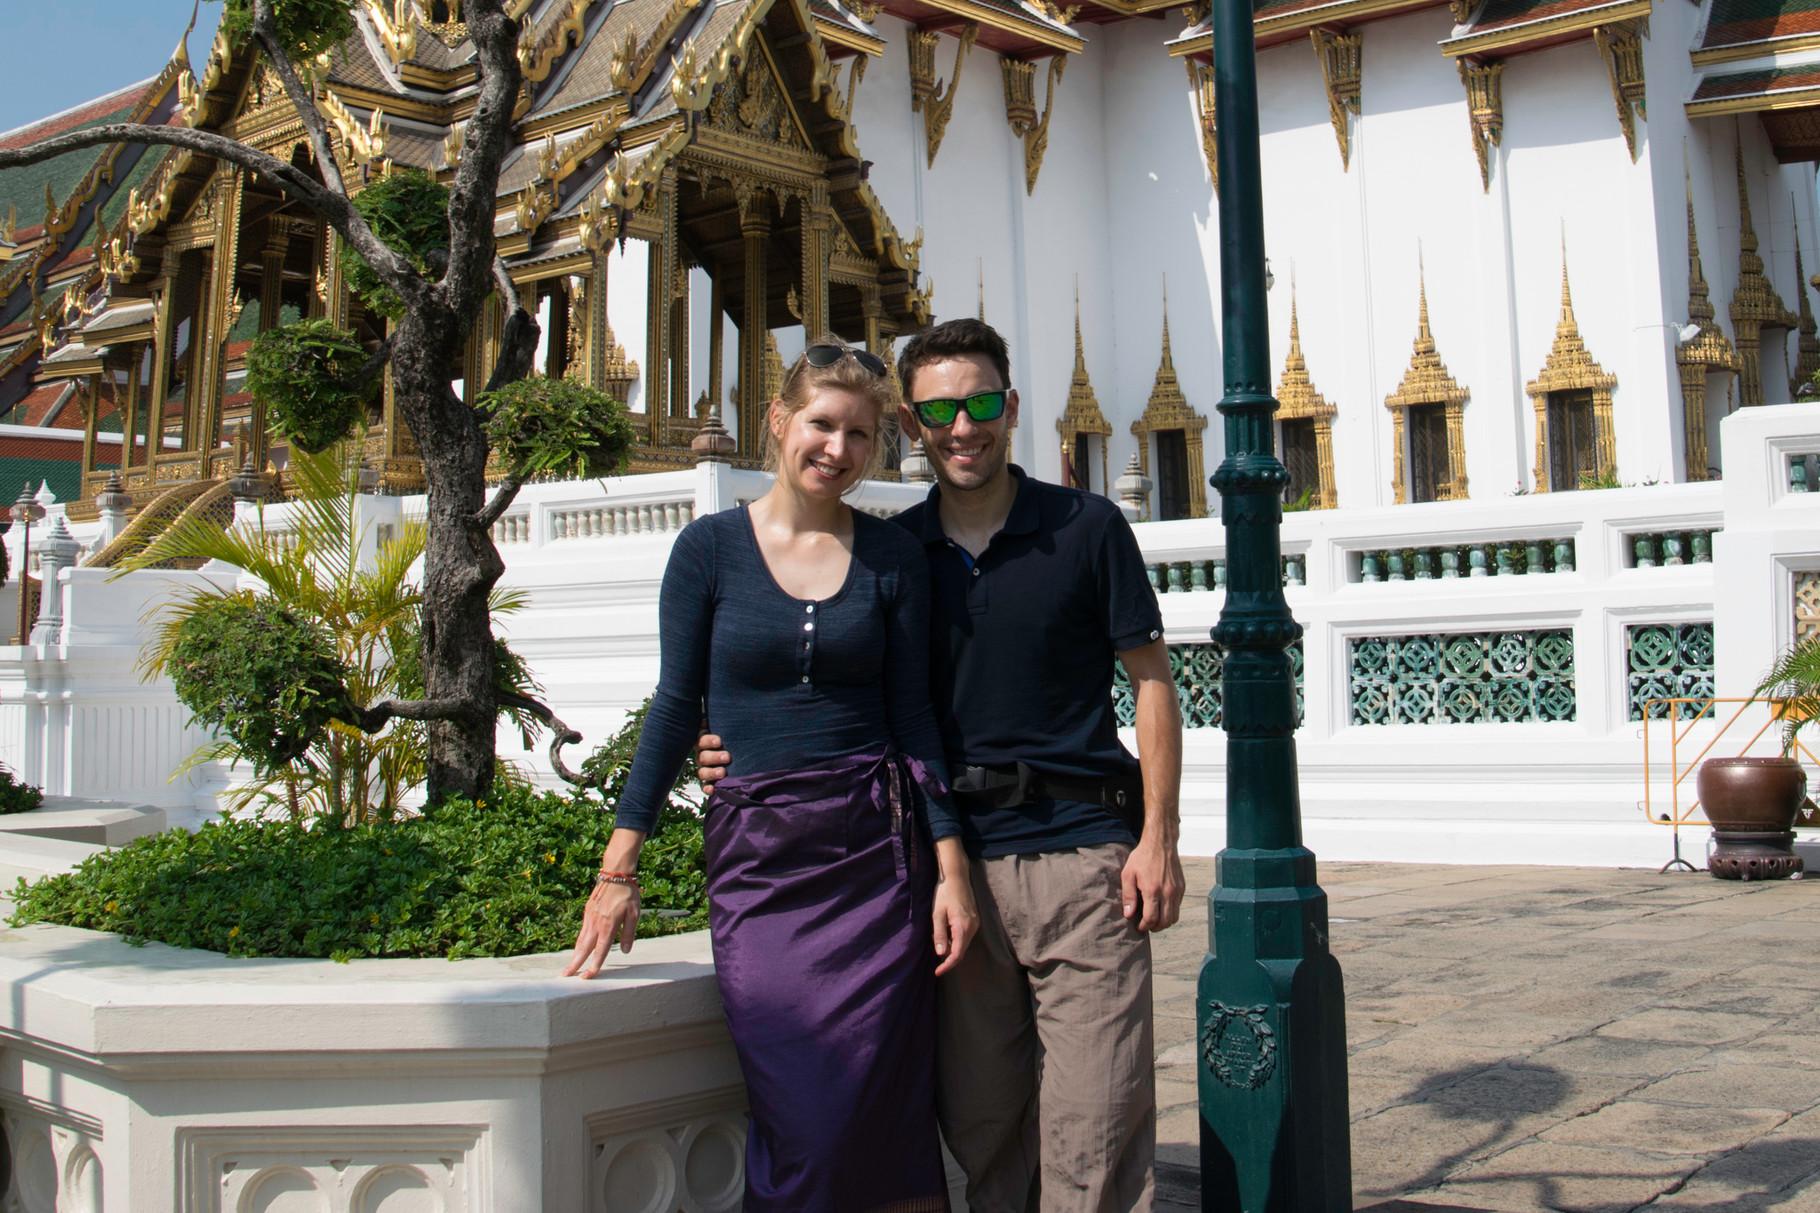 Unsere Beinkleidung war nicht konform für den Königspalast...